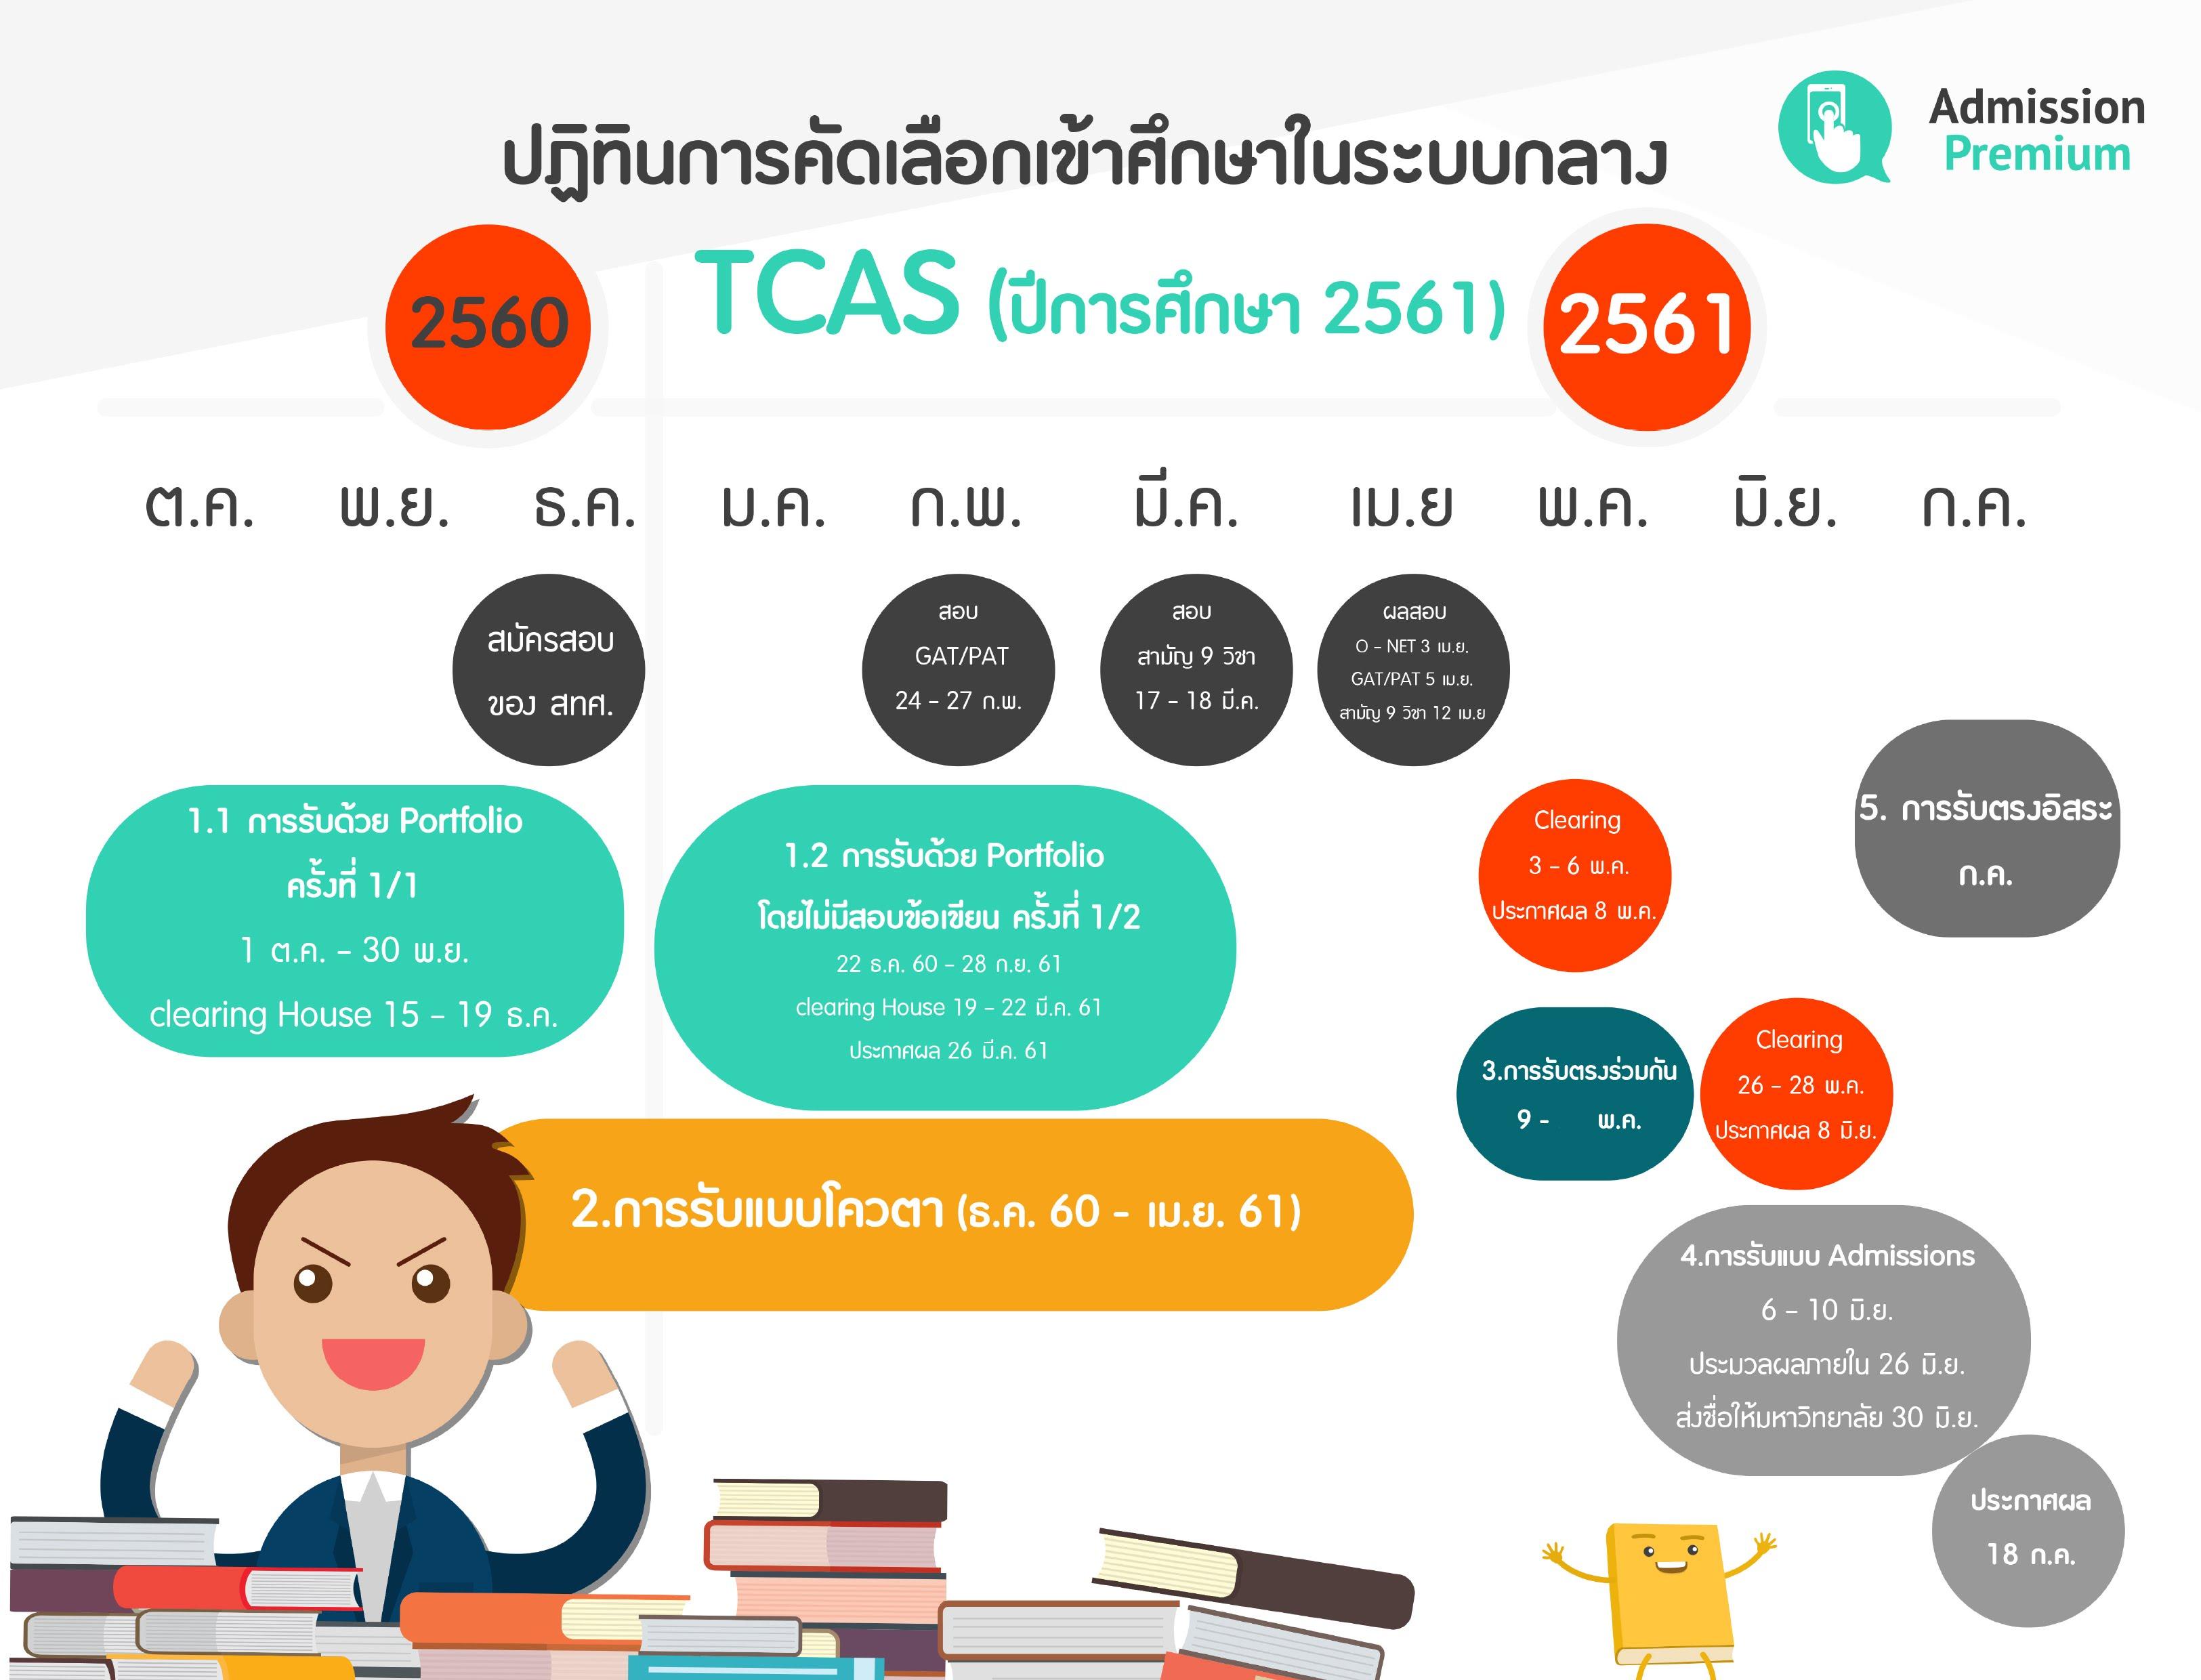 http://www.admissionpremium.com/content/2673